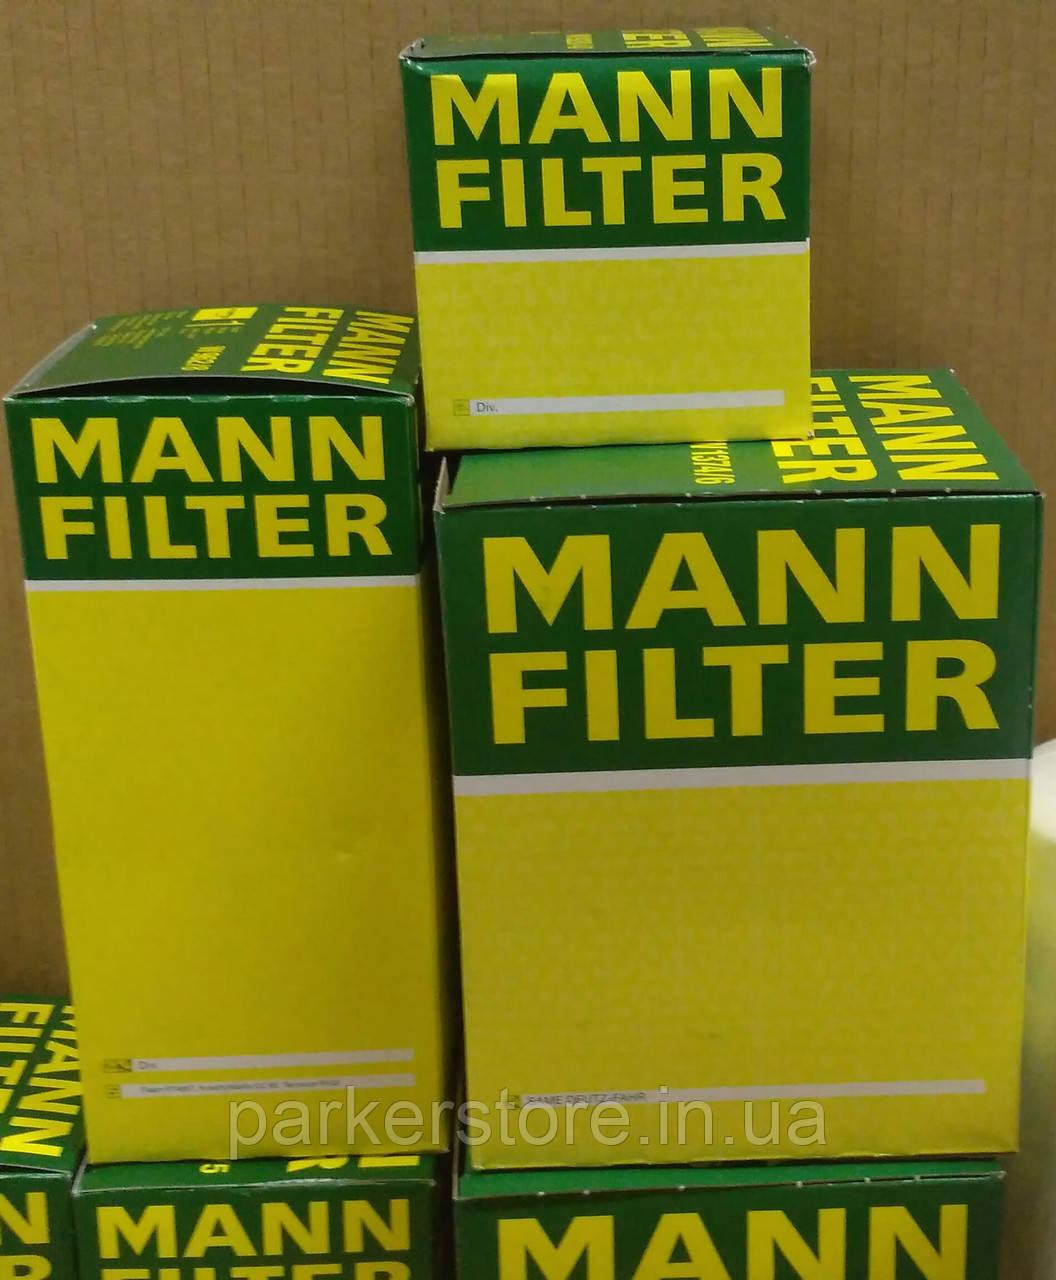 MANN FILTER / Воздушный фильтр / C 25 006 / C25006